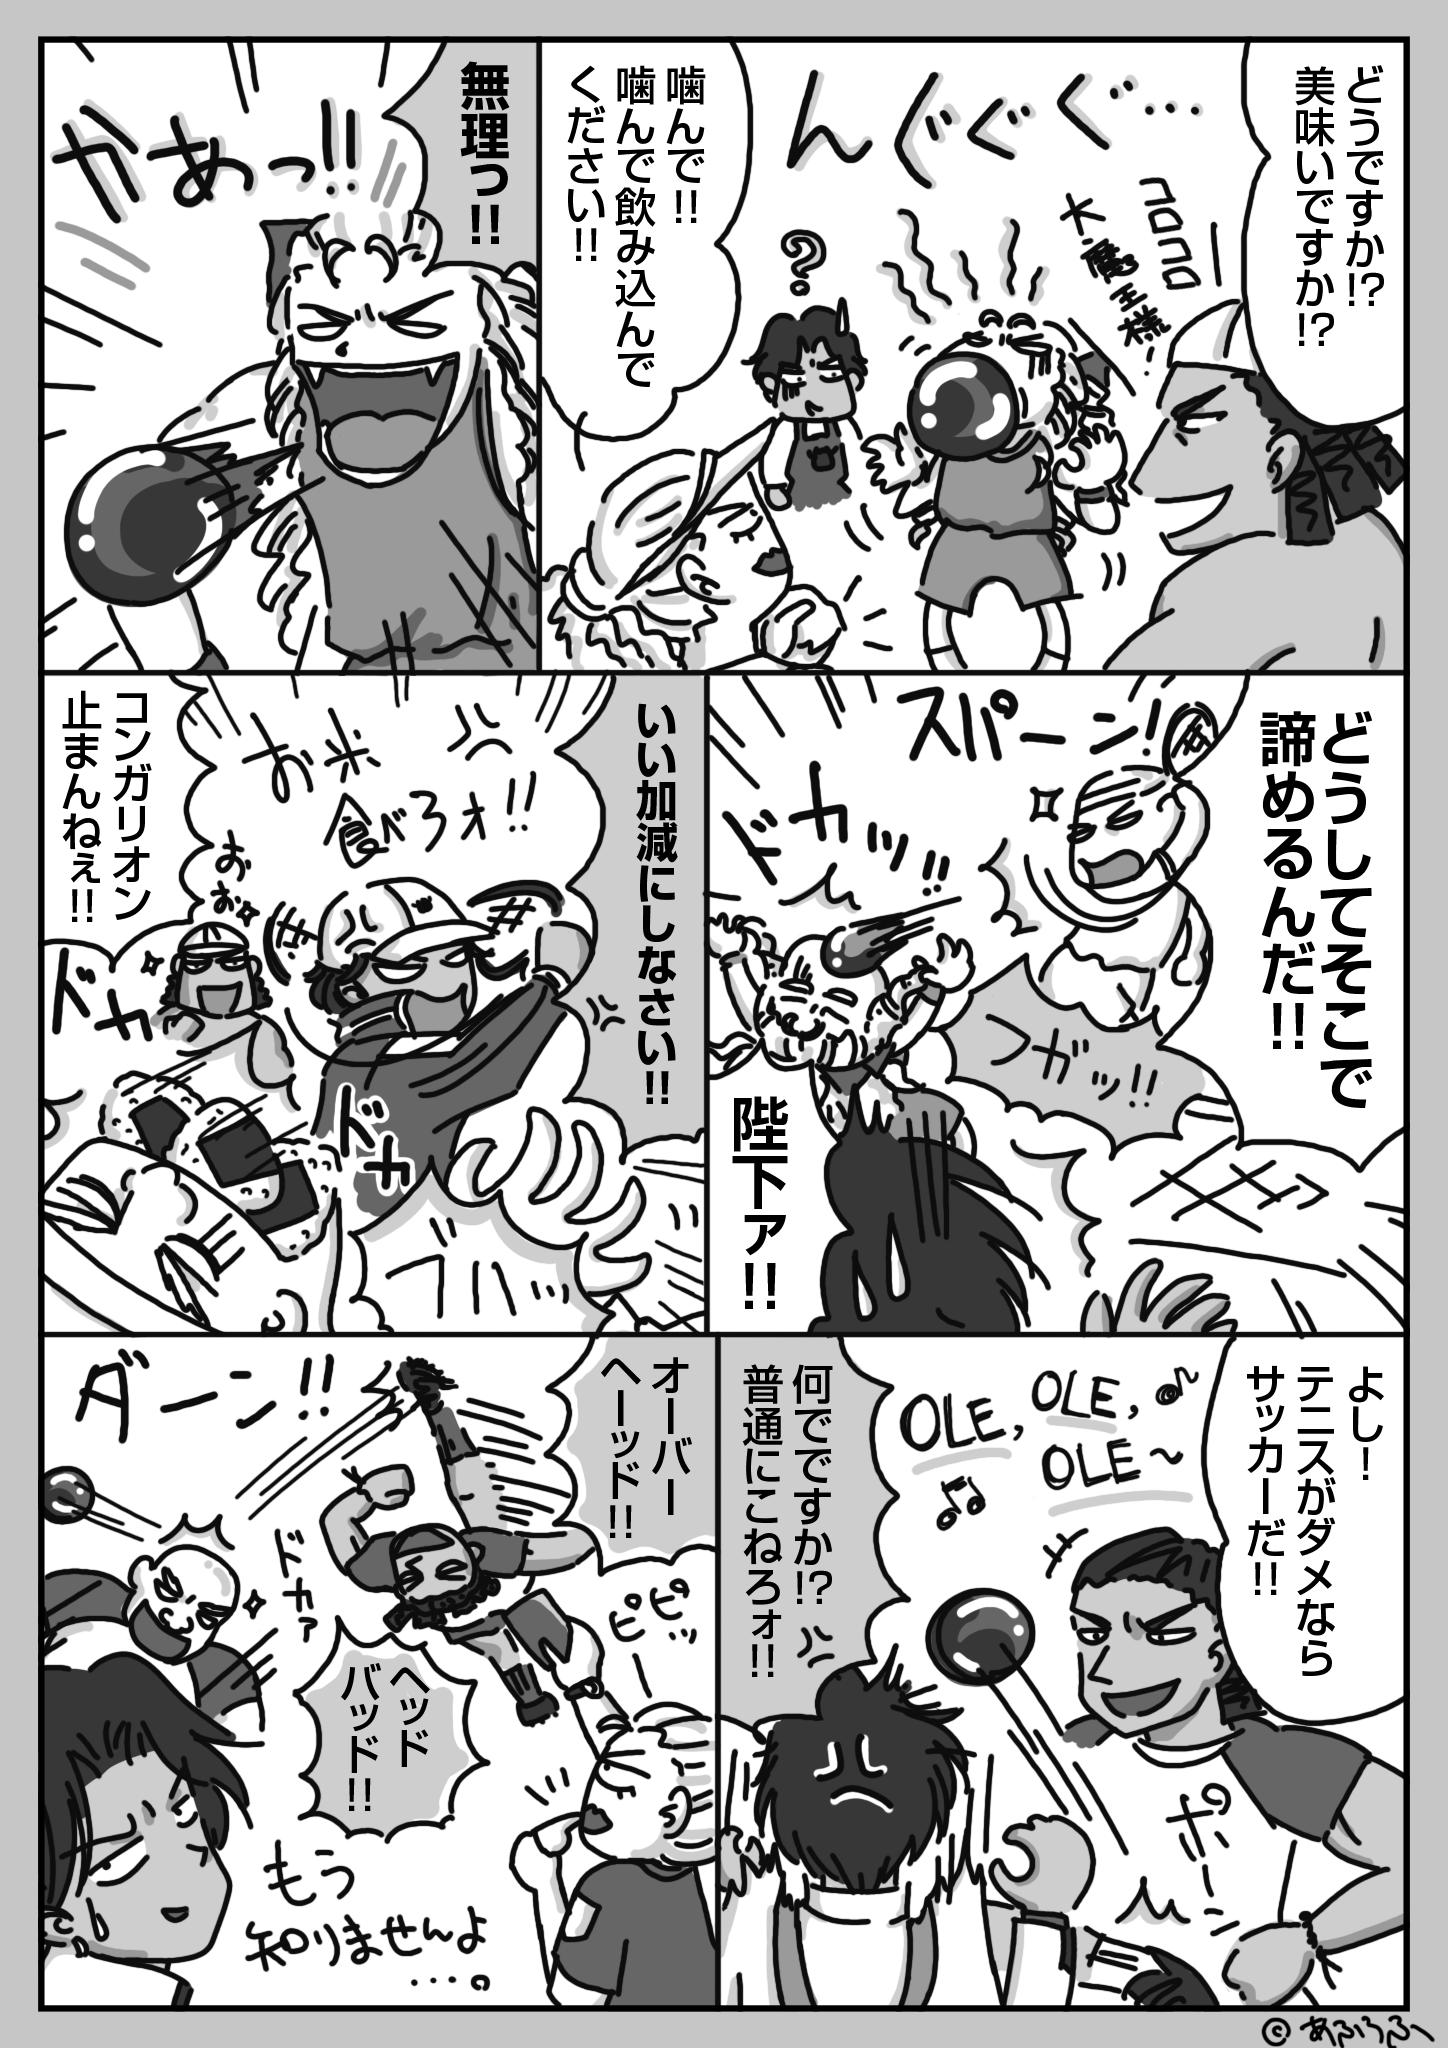 火の魔王とタピオカ入りプロテイン (9)